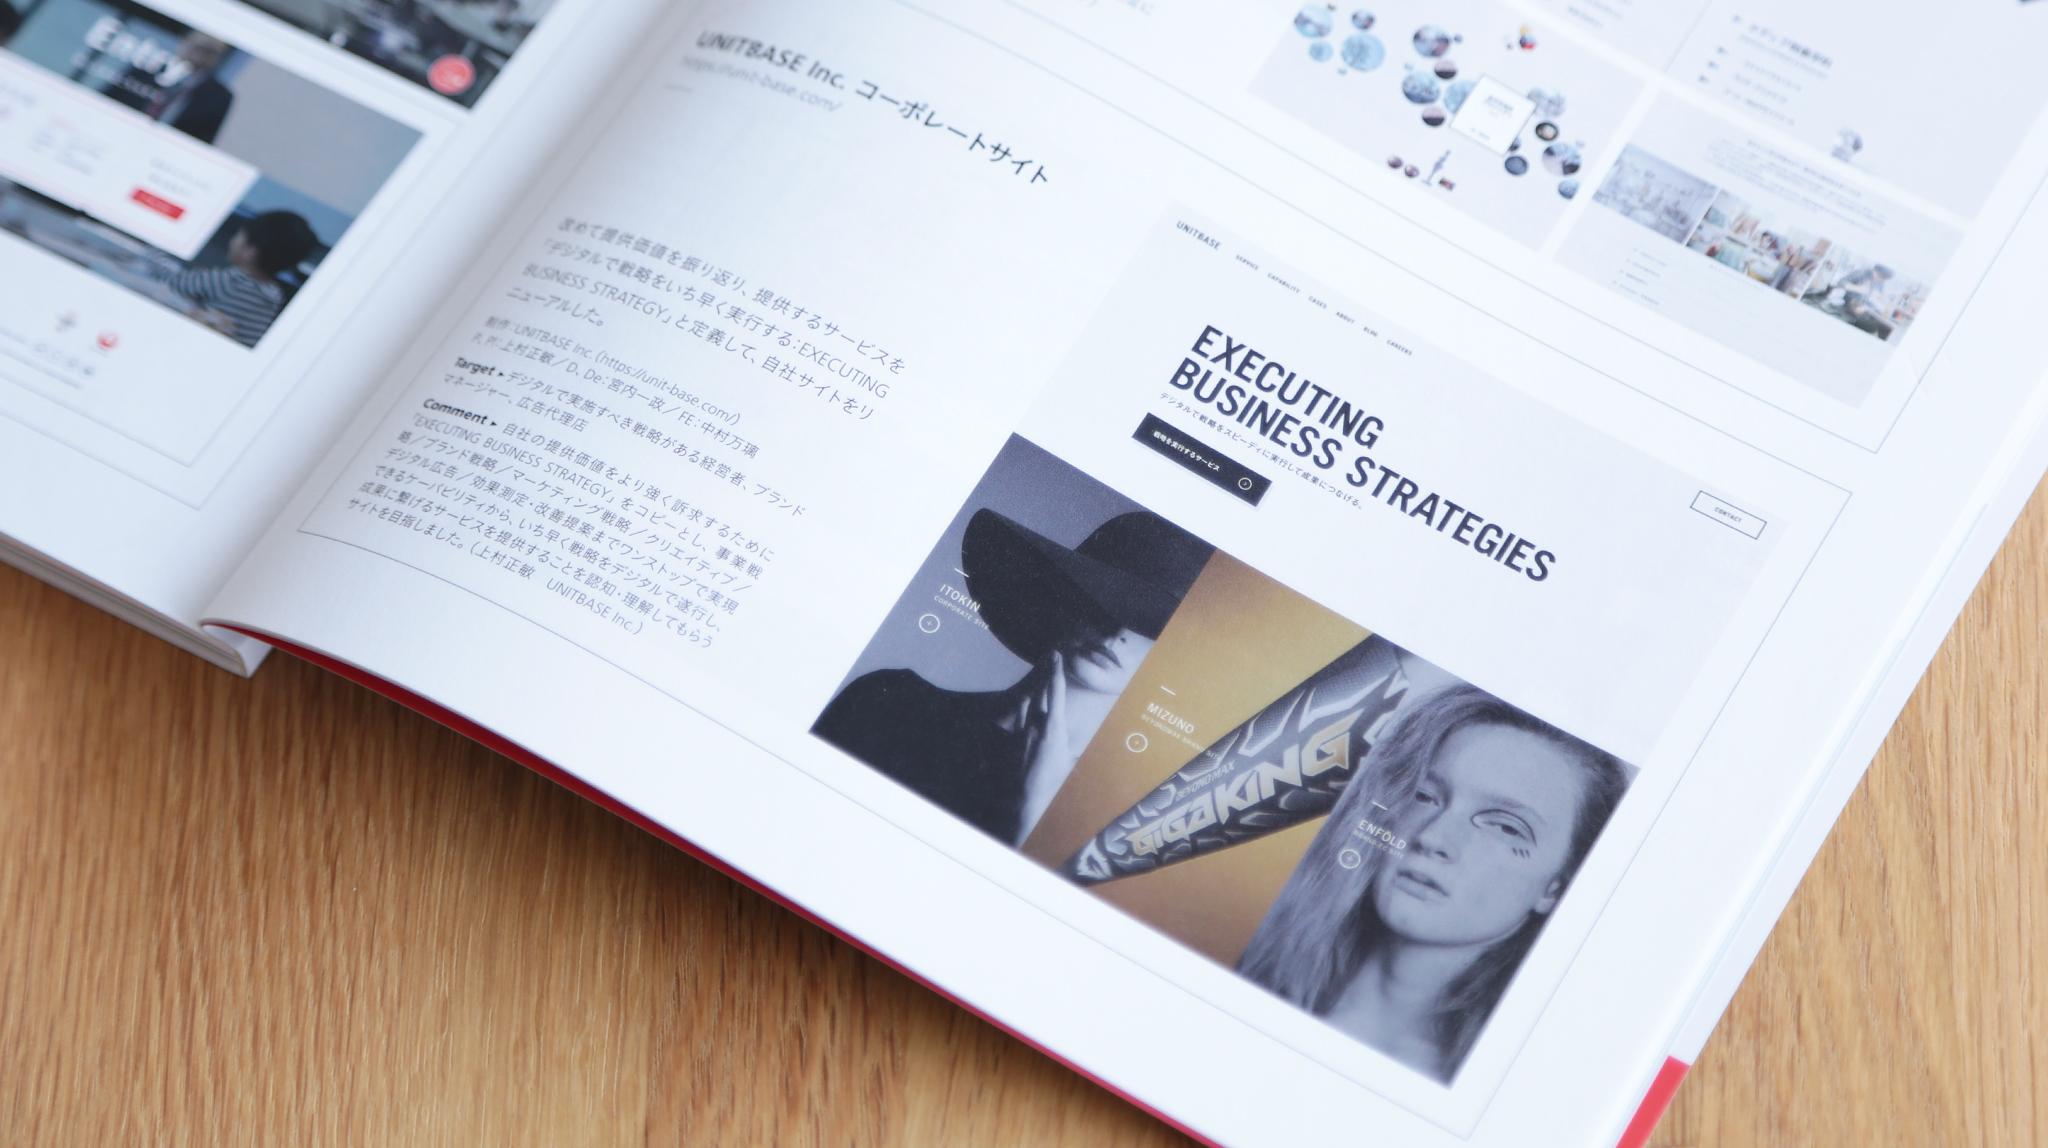 「Web Designing」2018年4月号に掲載されましたの画像